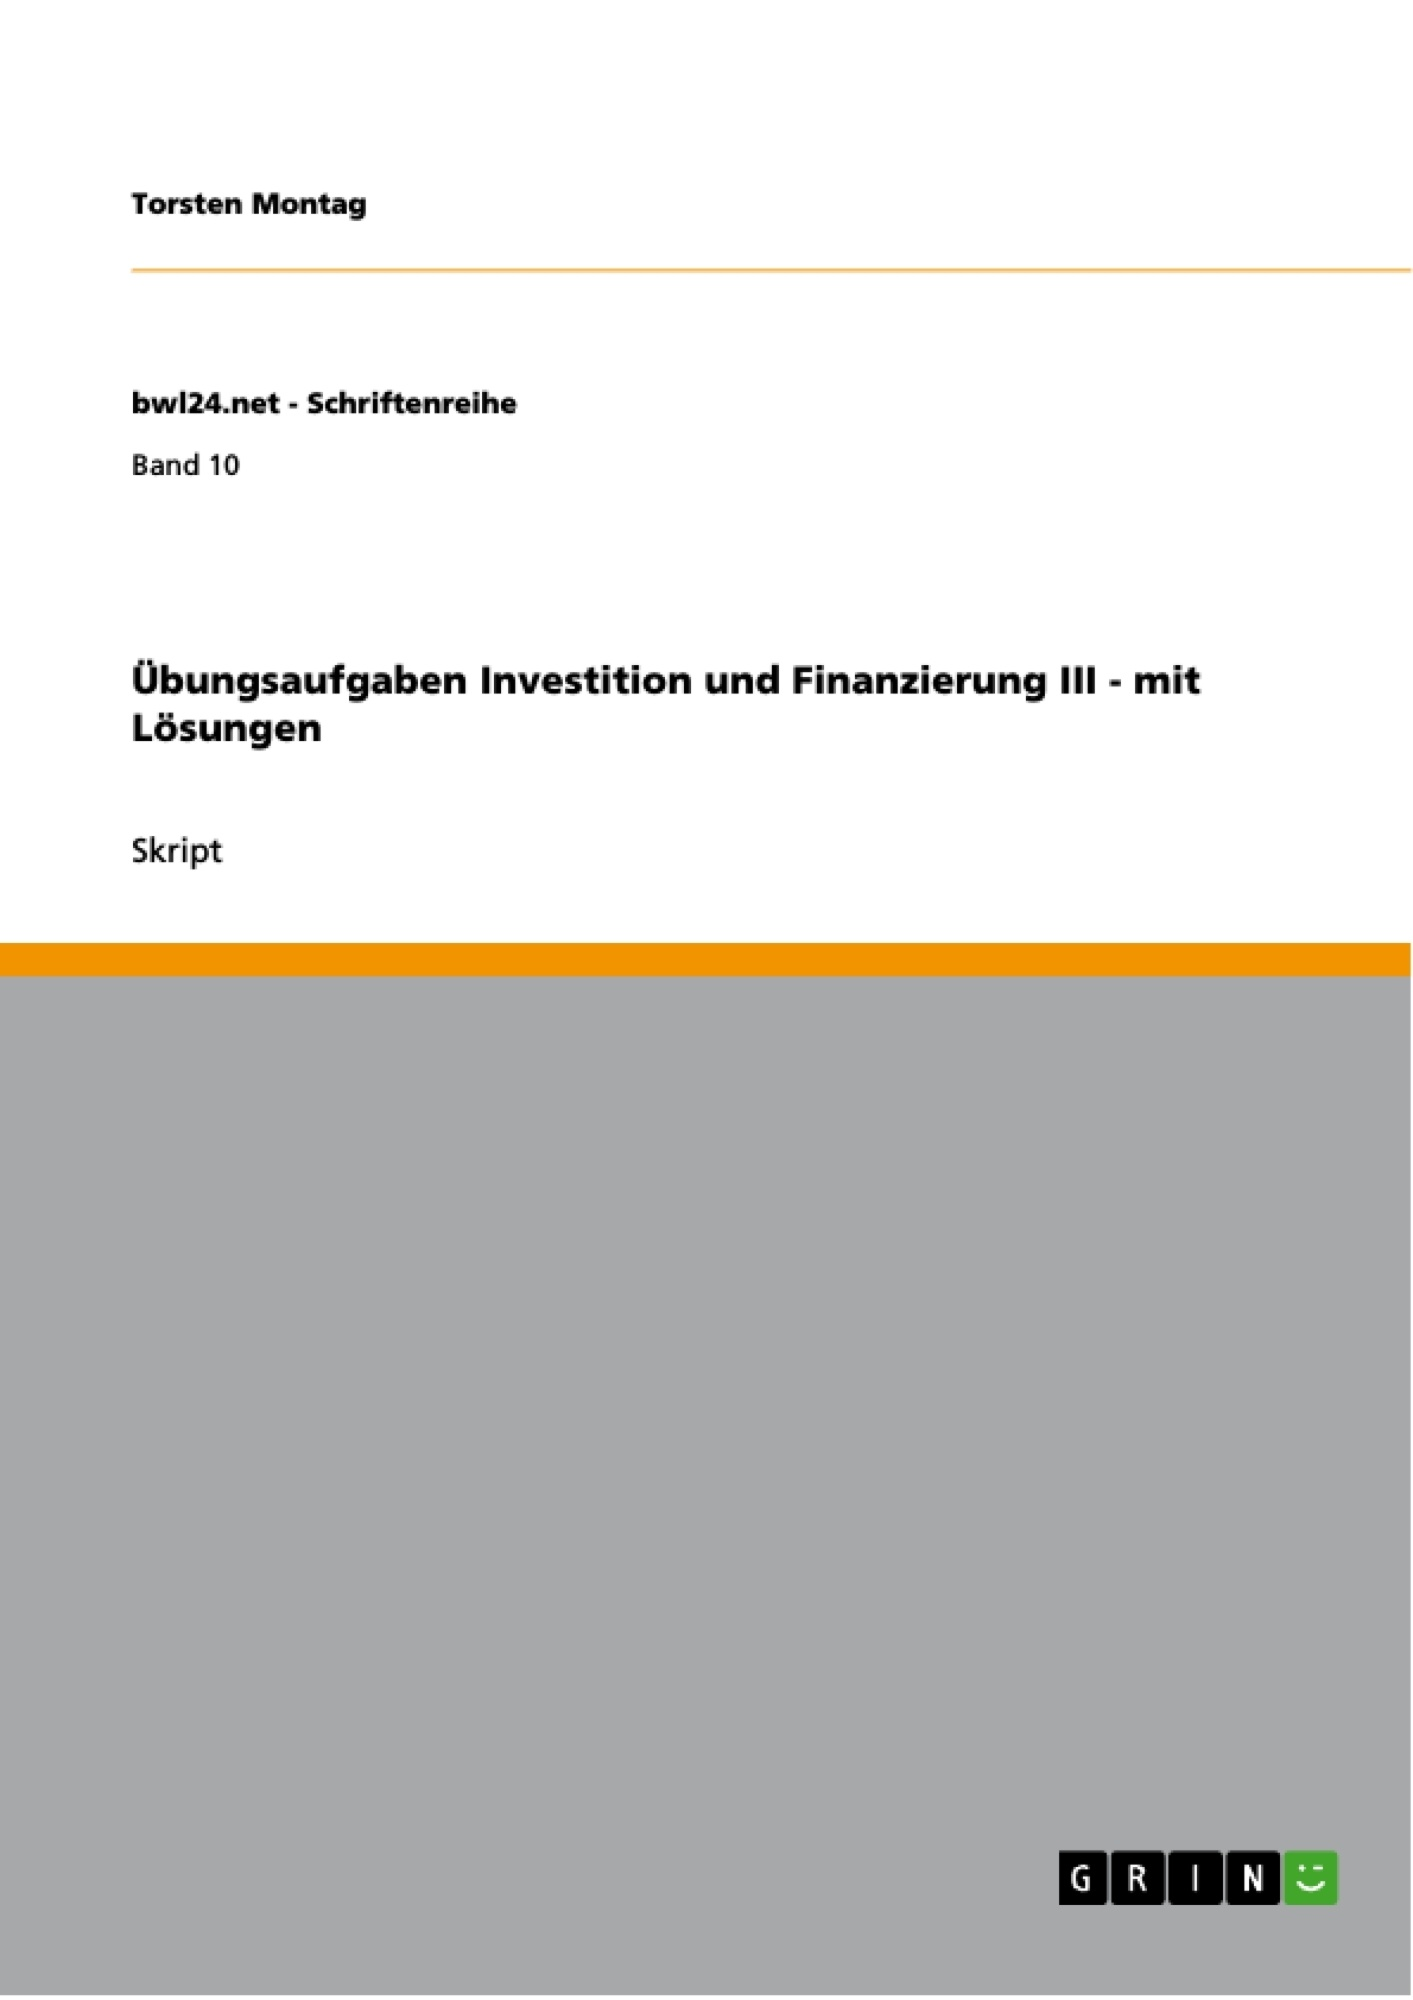 Titel: Übungsaufgaben Investition und Finanzierung III - mit Lösungen